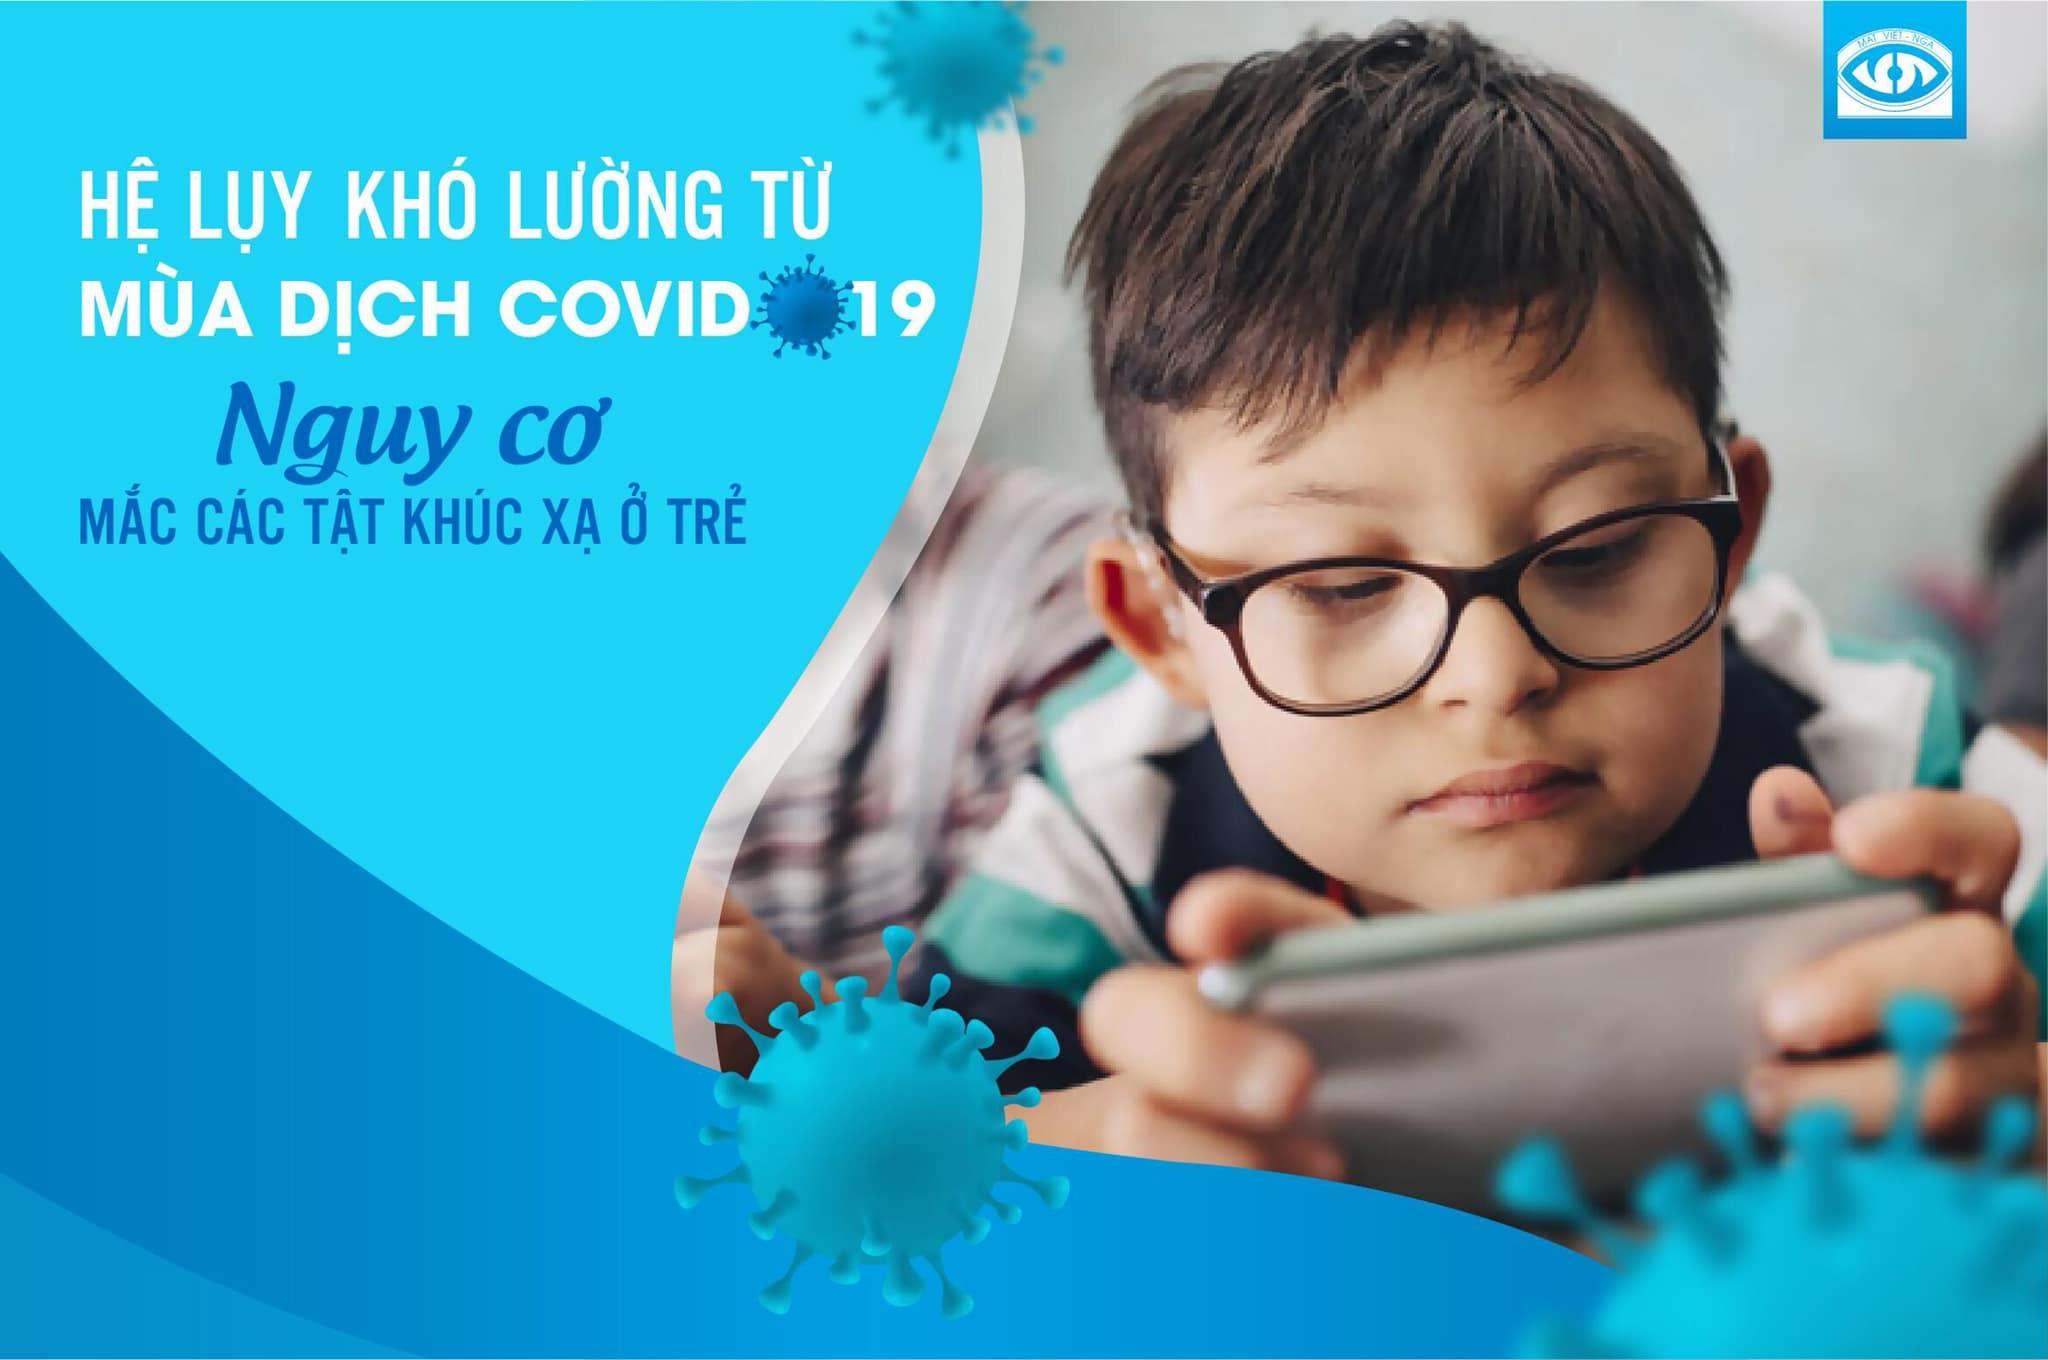 Hệ lụy khó lường từ mùa dịch covid -19, nguy cơ mắc các tật khúc xạ ở trẻ